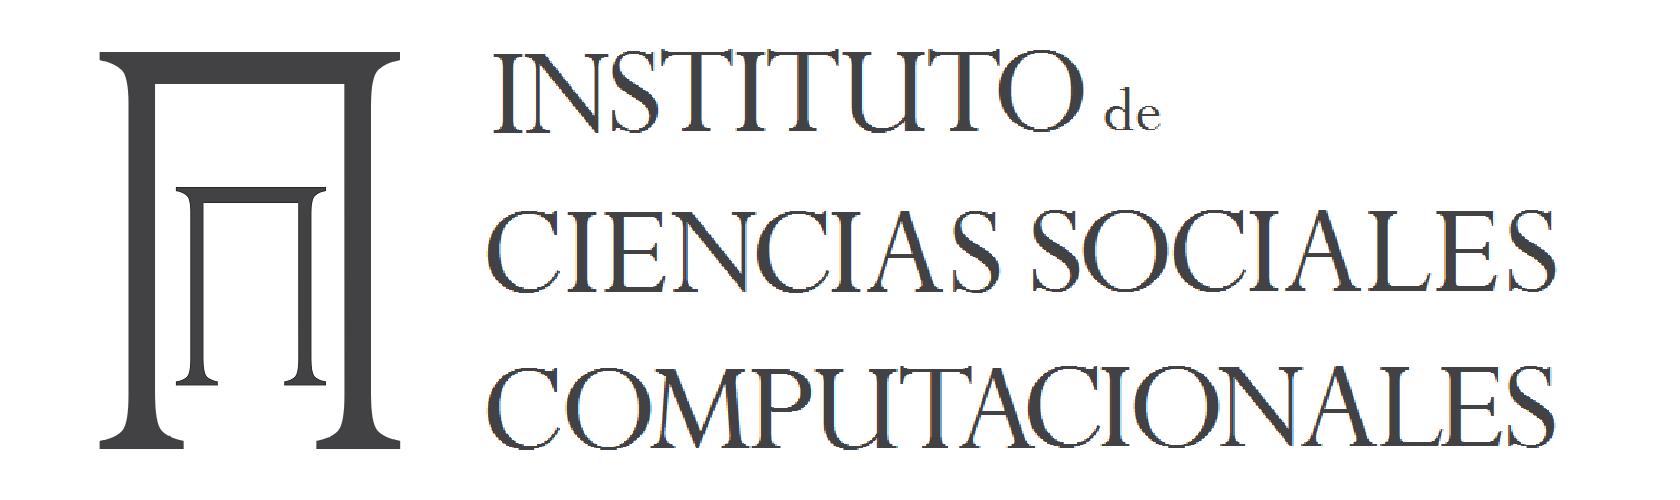 logo_texto3